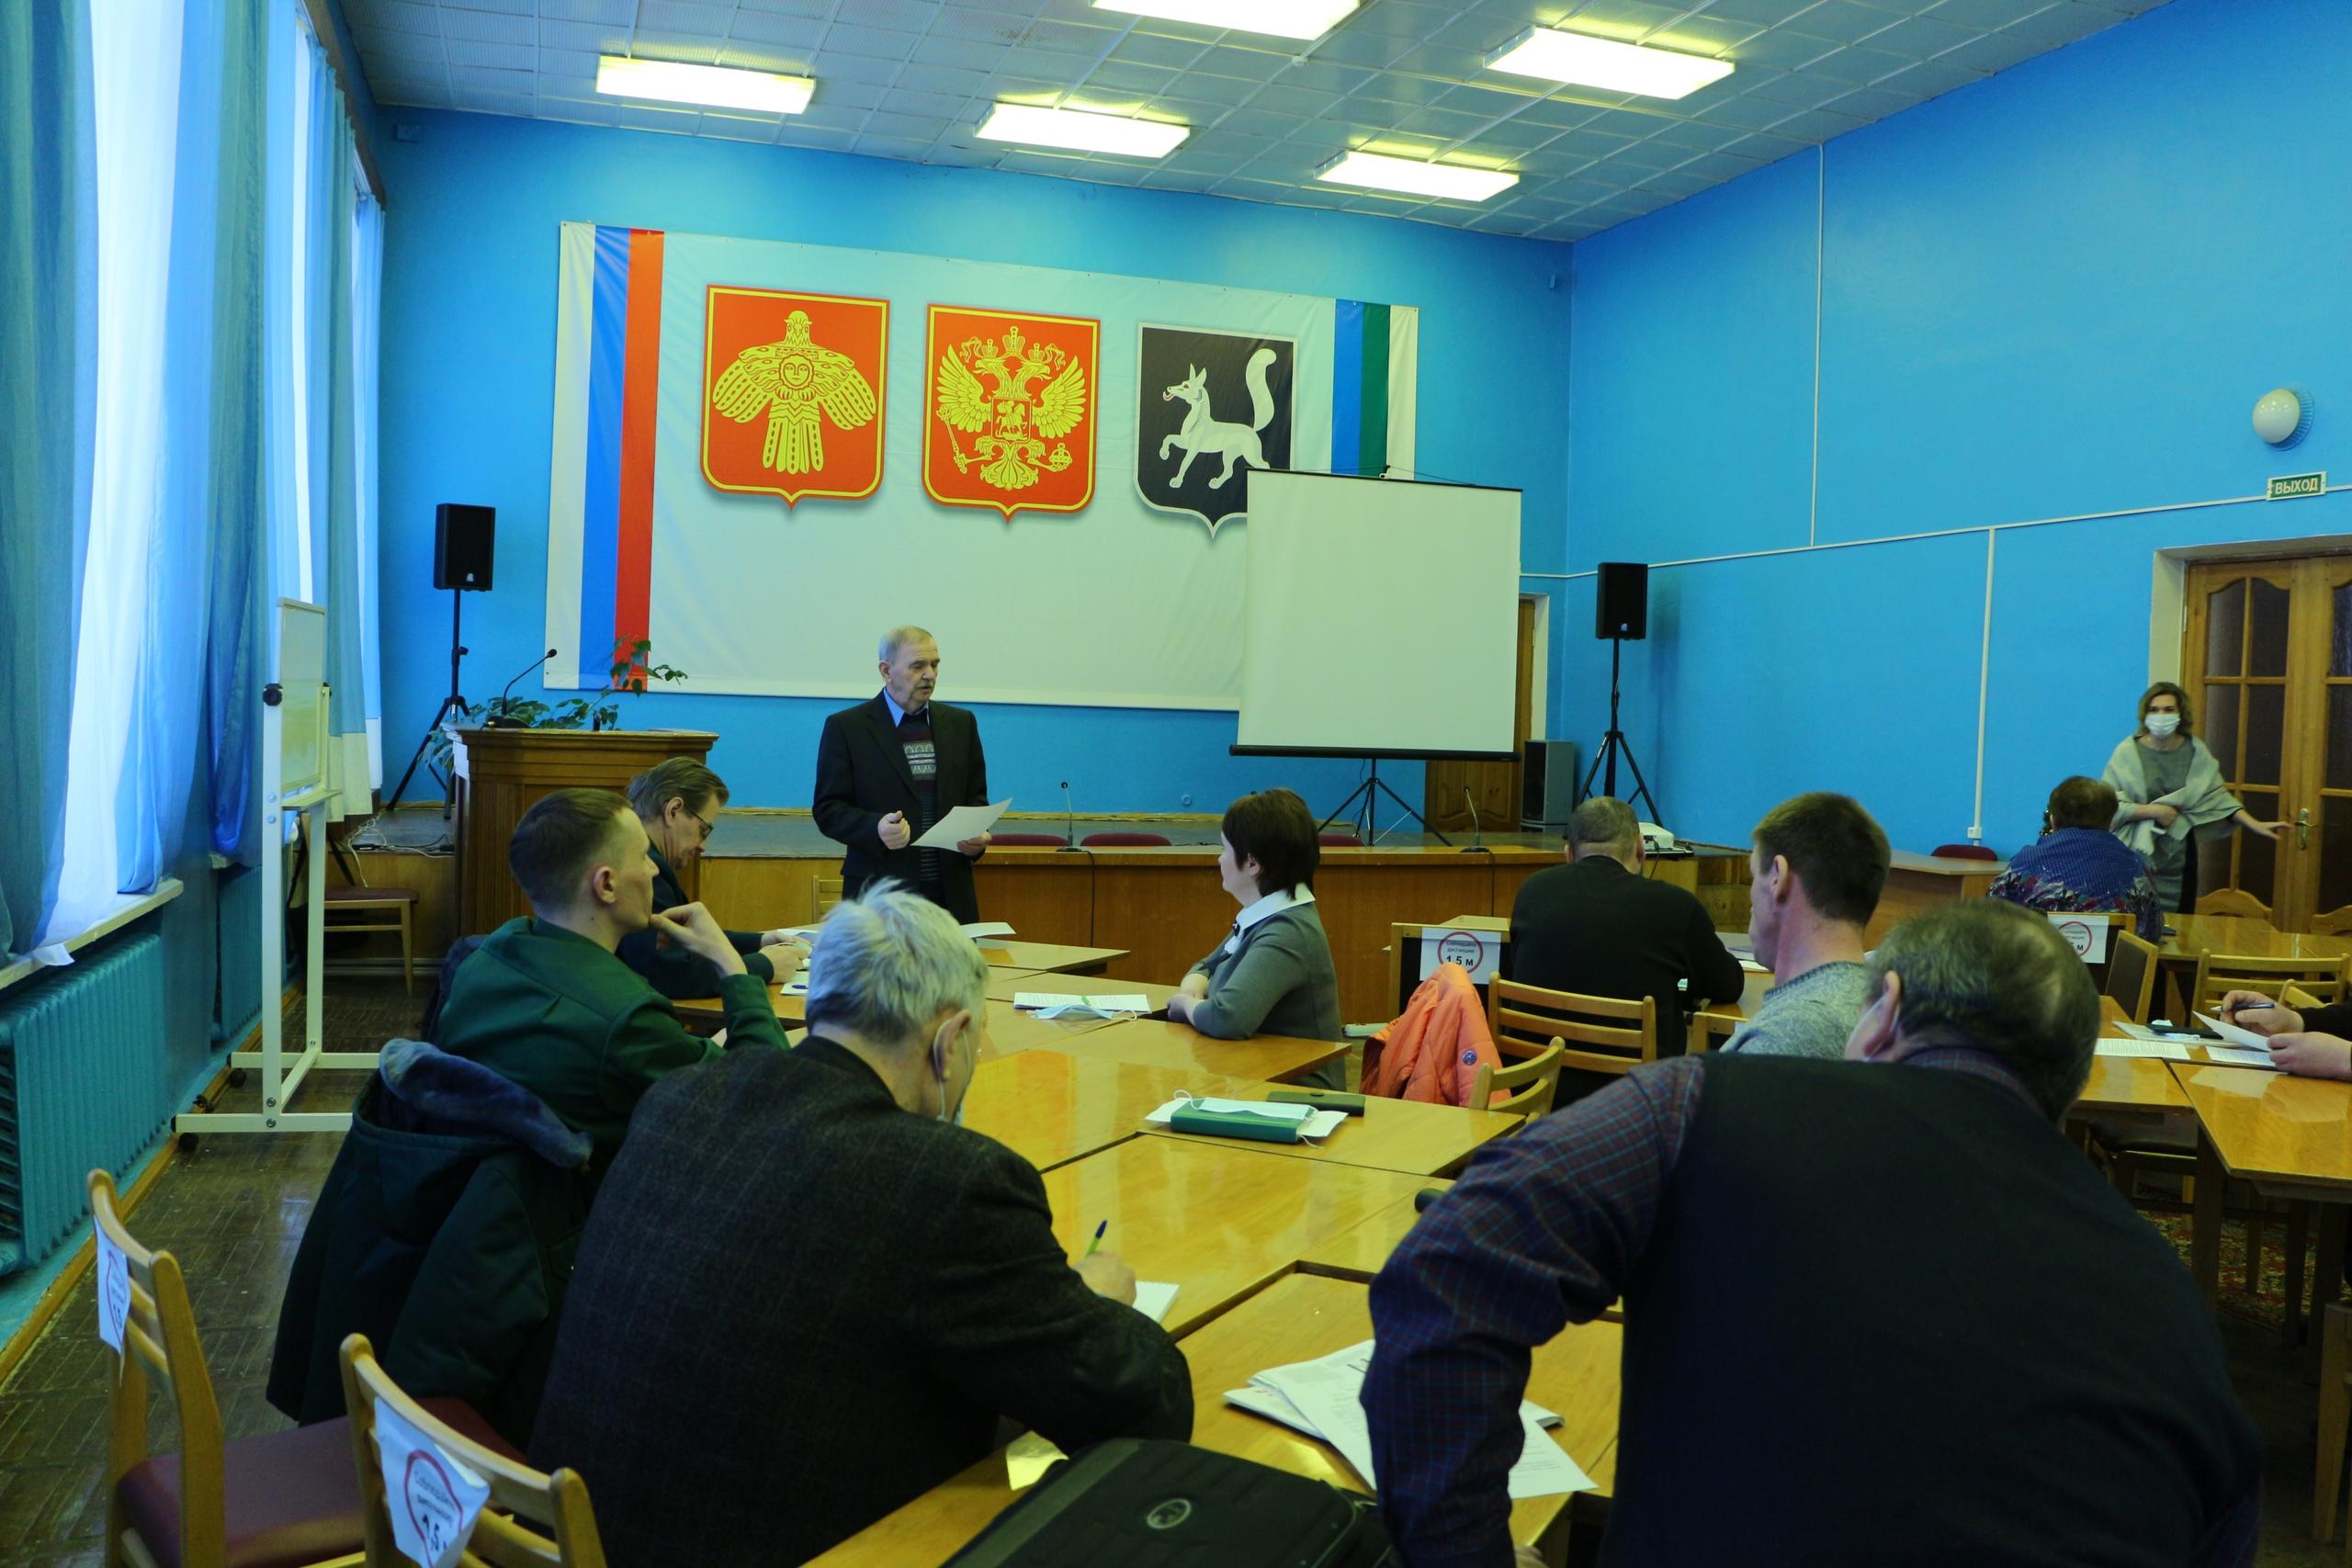 На заседании лесного совета обсудили вопросы лесохозяйственной деятельности в Удорском районе